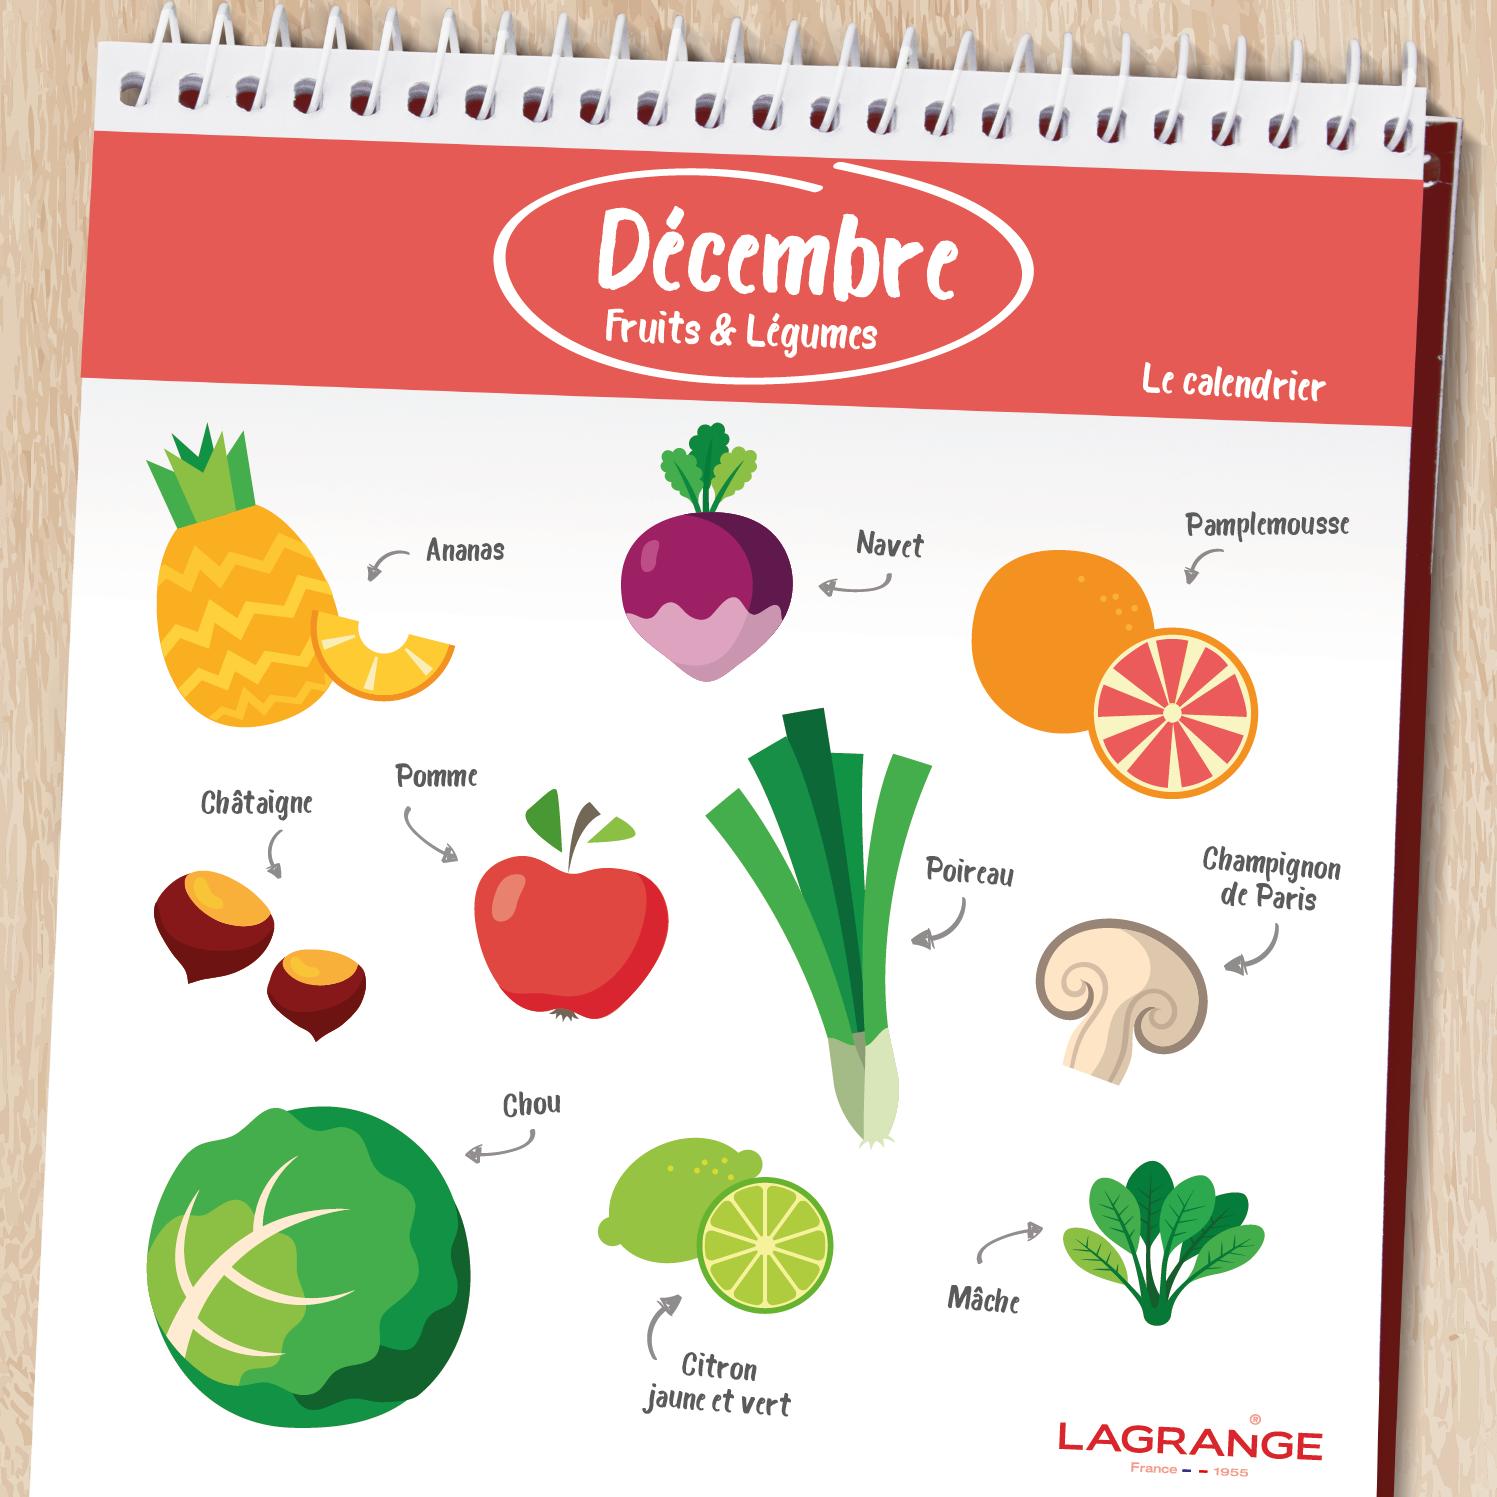 légumes fruits décembre